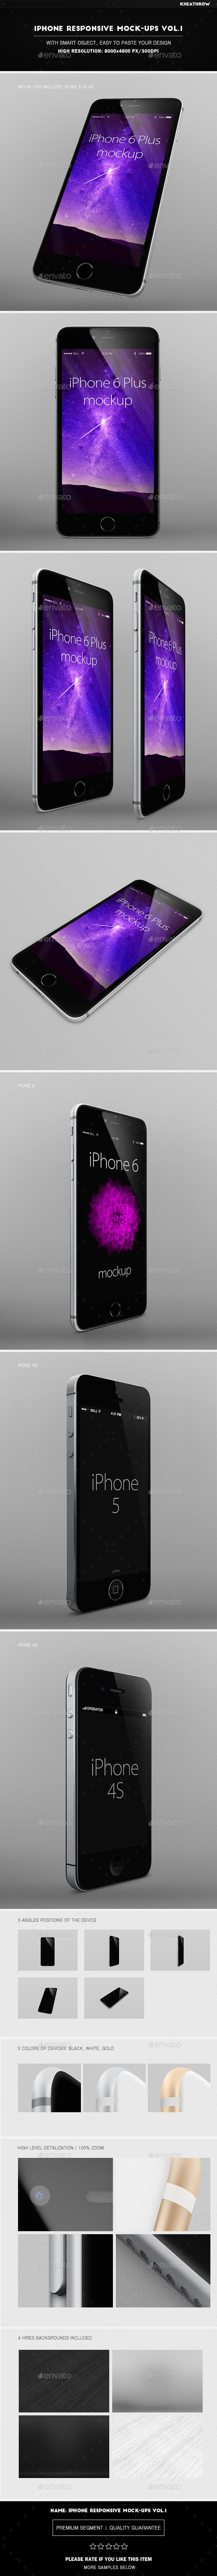 IPhone Responsive Mock-Ups Vol.1 - Product Mock-Ups Graphics